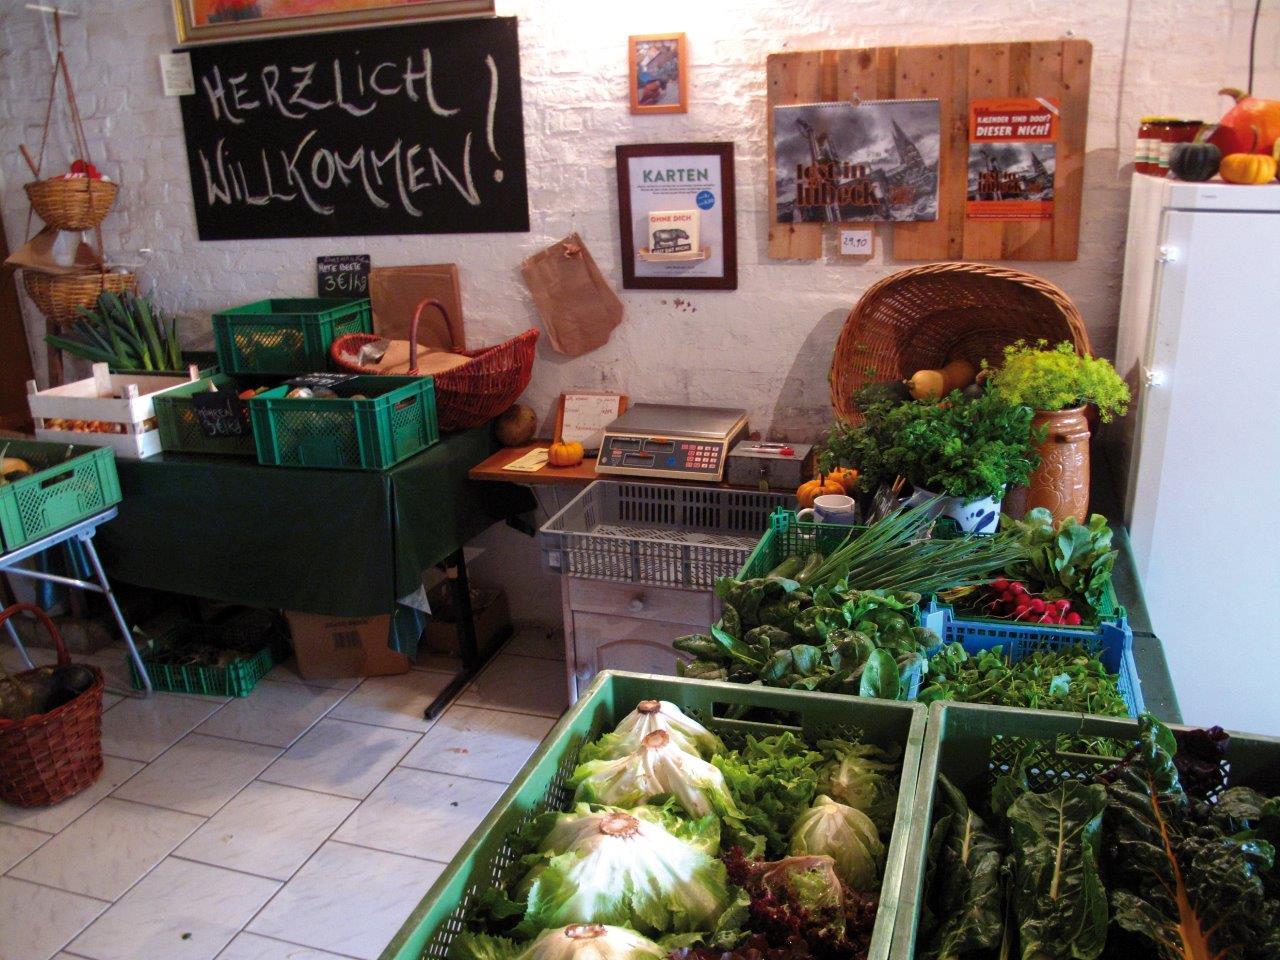 Depot einer solidarischen Landwirtschaft.  Foto: Bella Donna Haus/Hfr